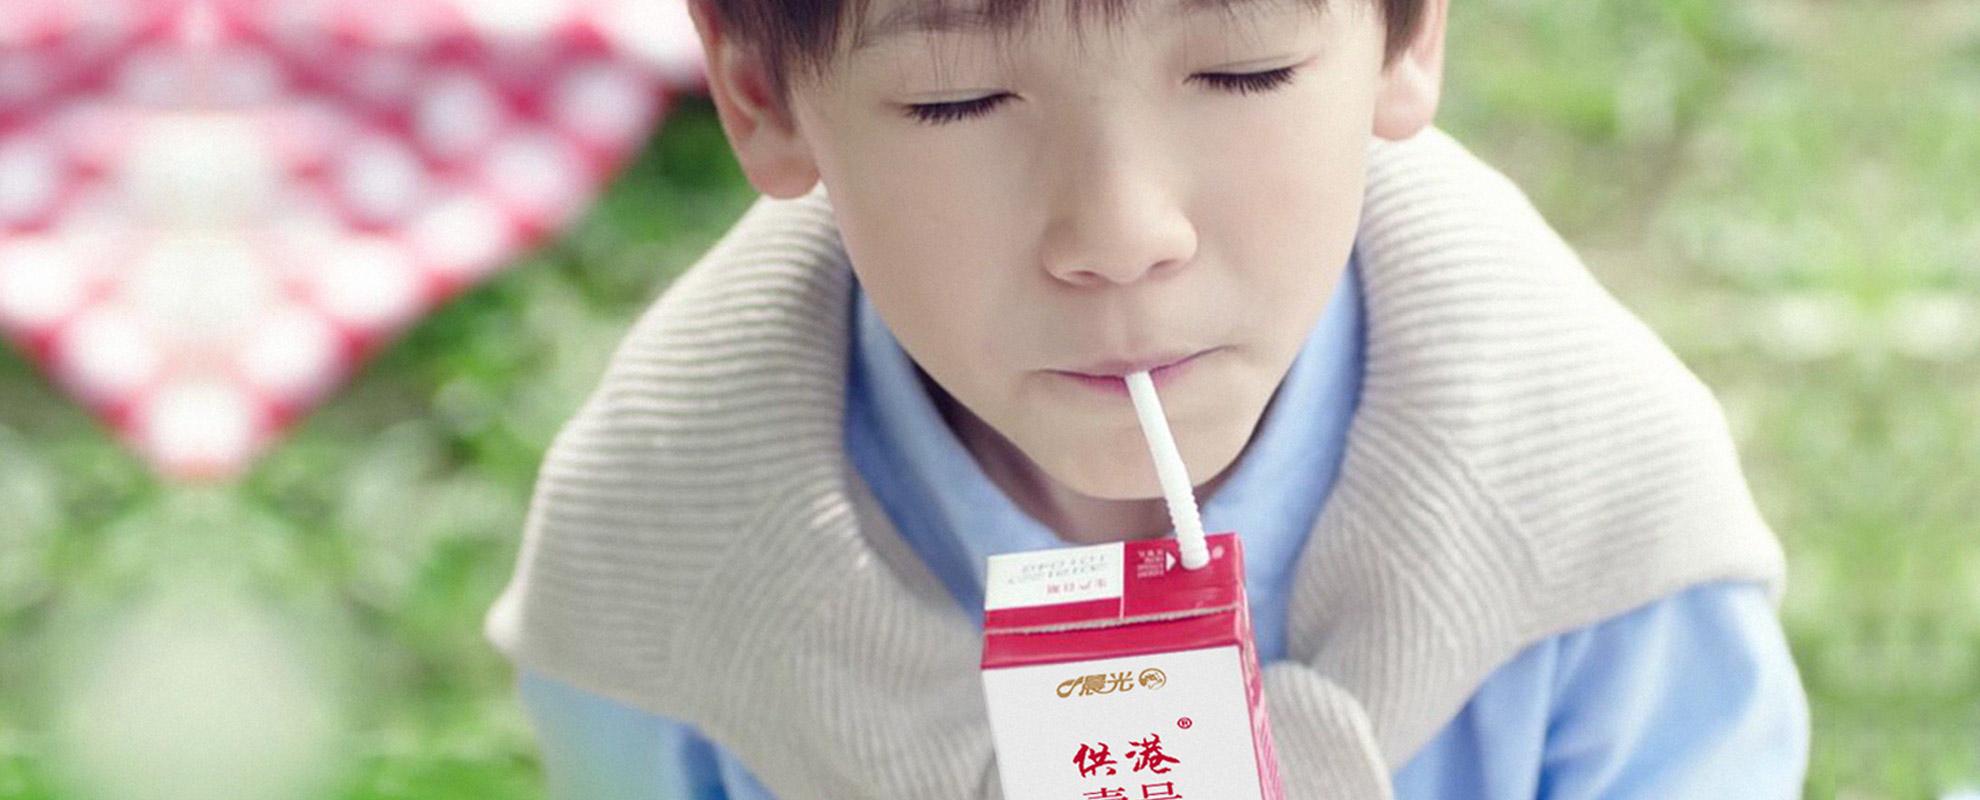 深圳晨光牛奶订奶_晨光乳业-每日配送新鲜到家-晨光牛奶订奶热线96598